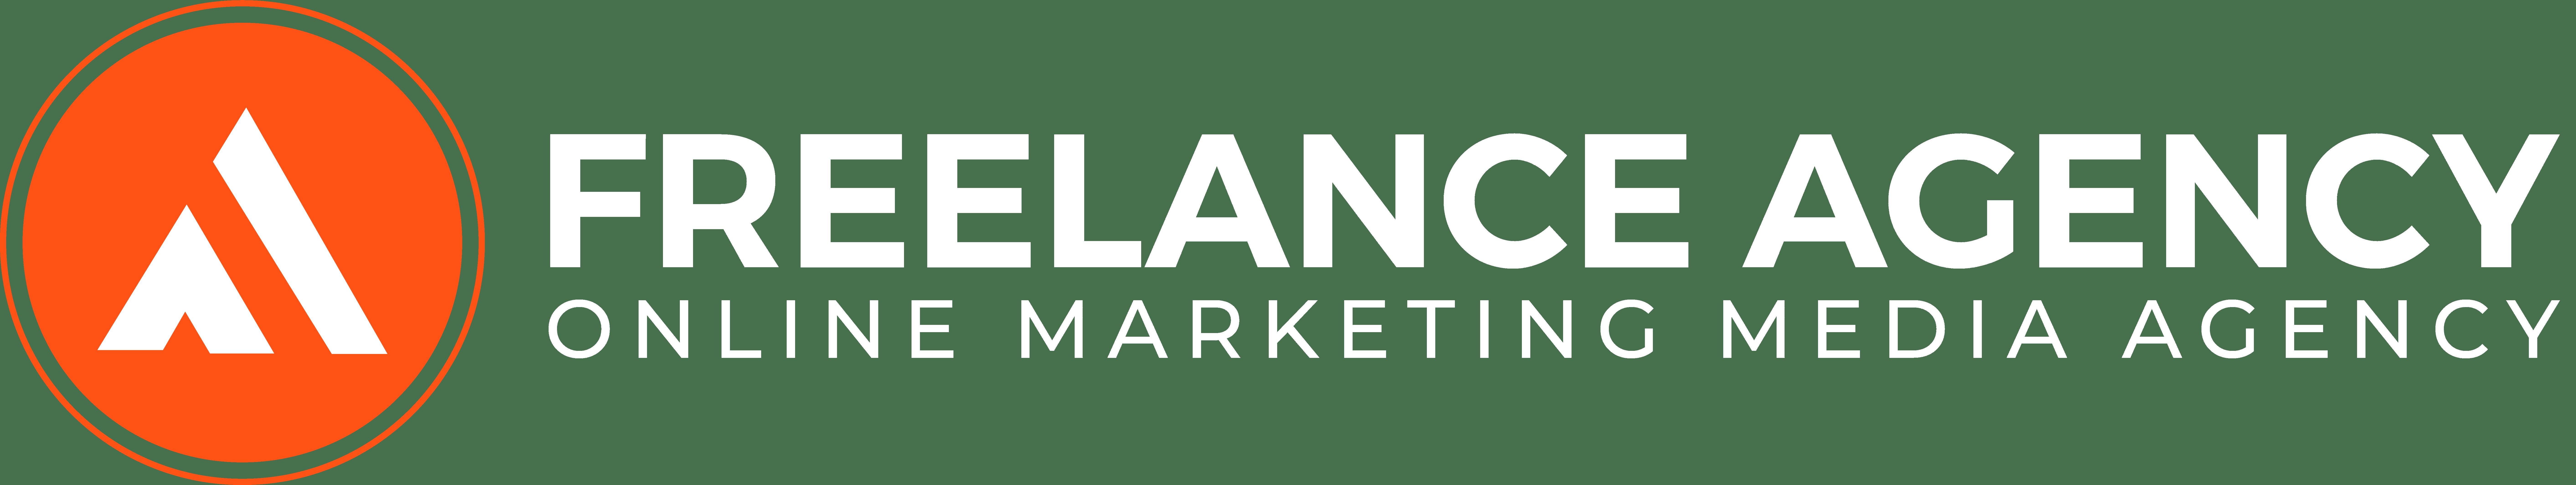 Freelance Agency network logo Design